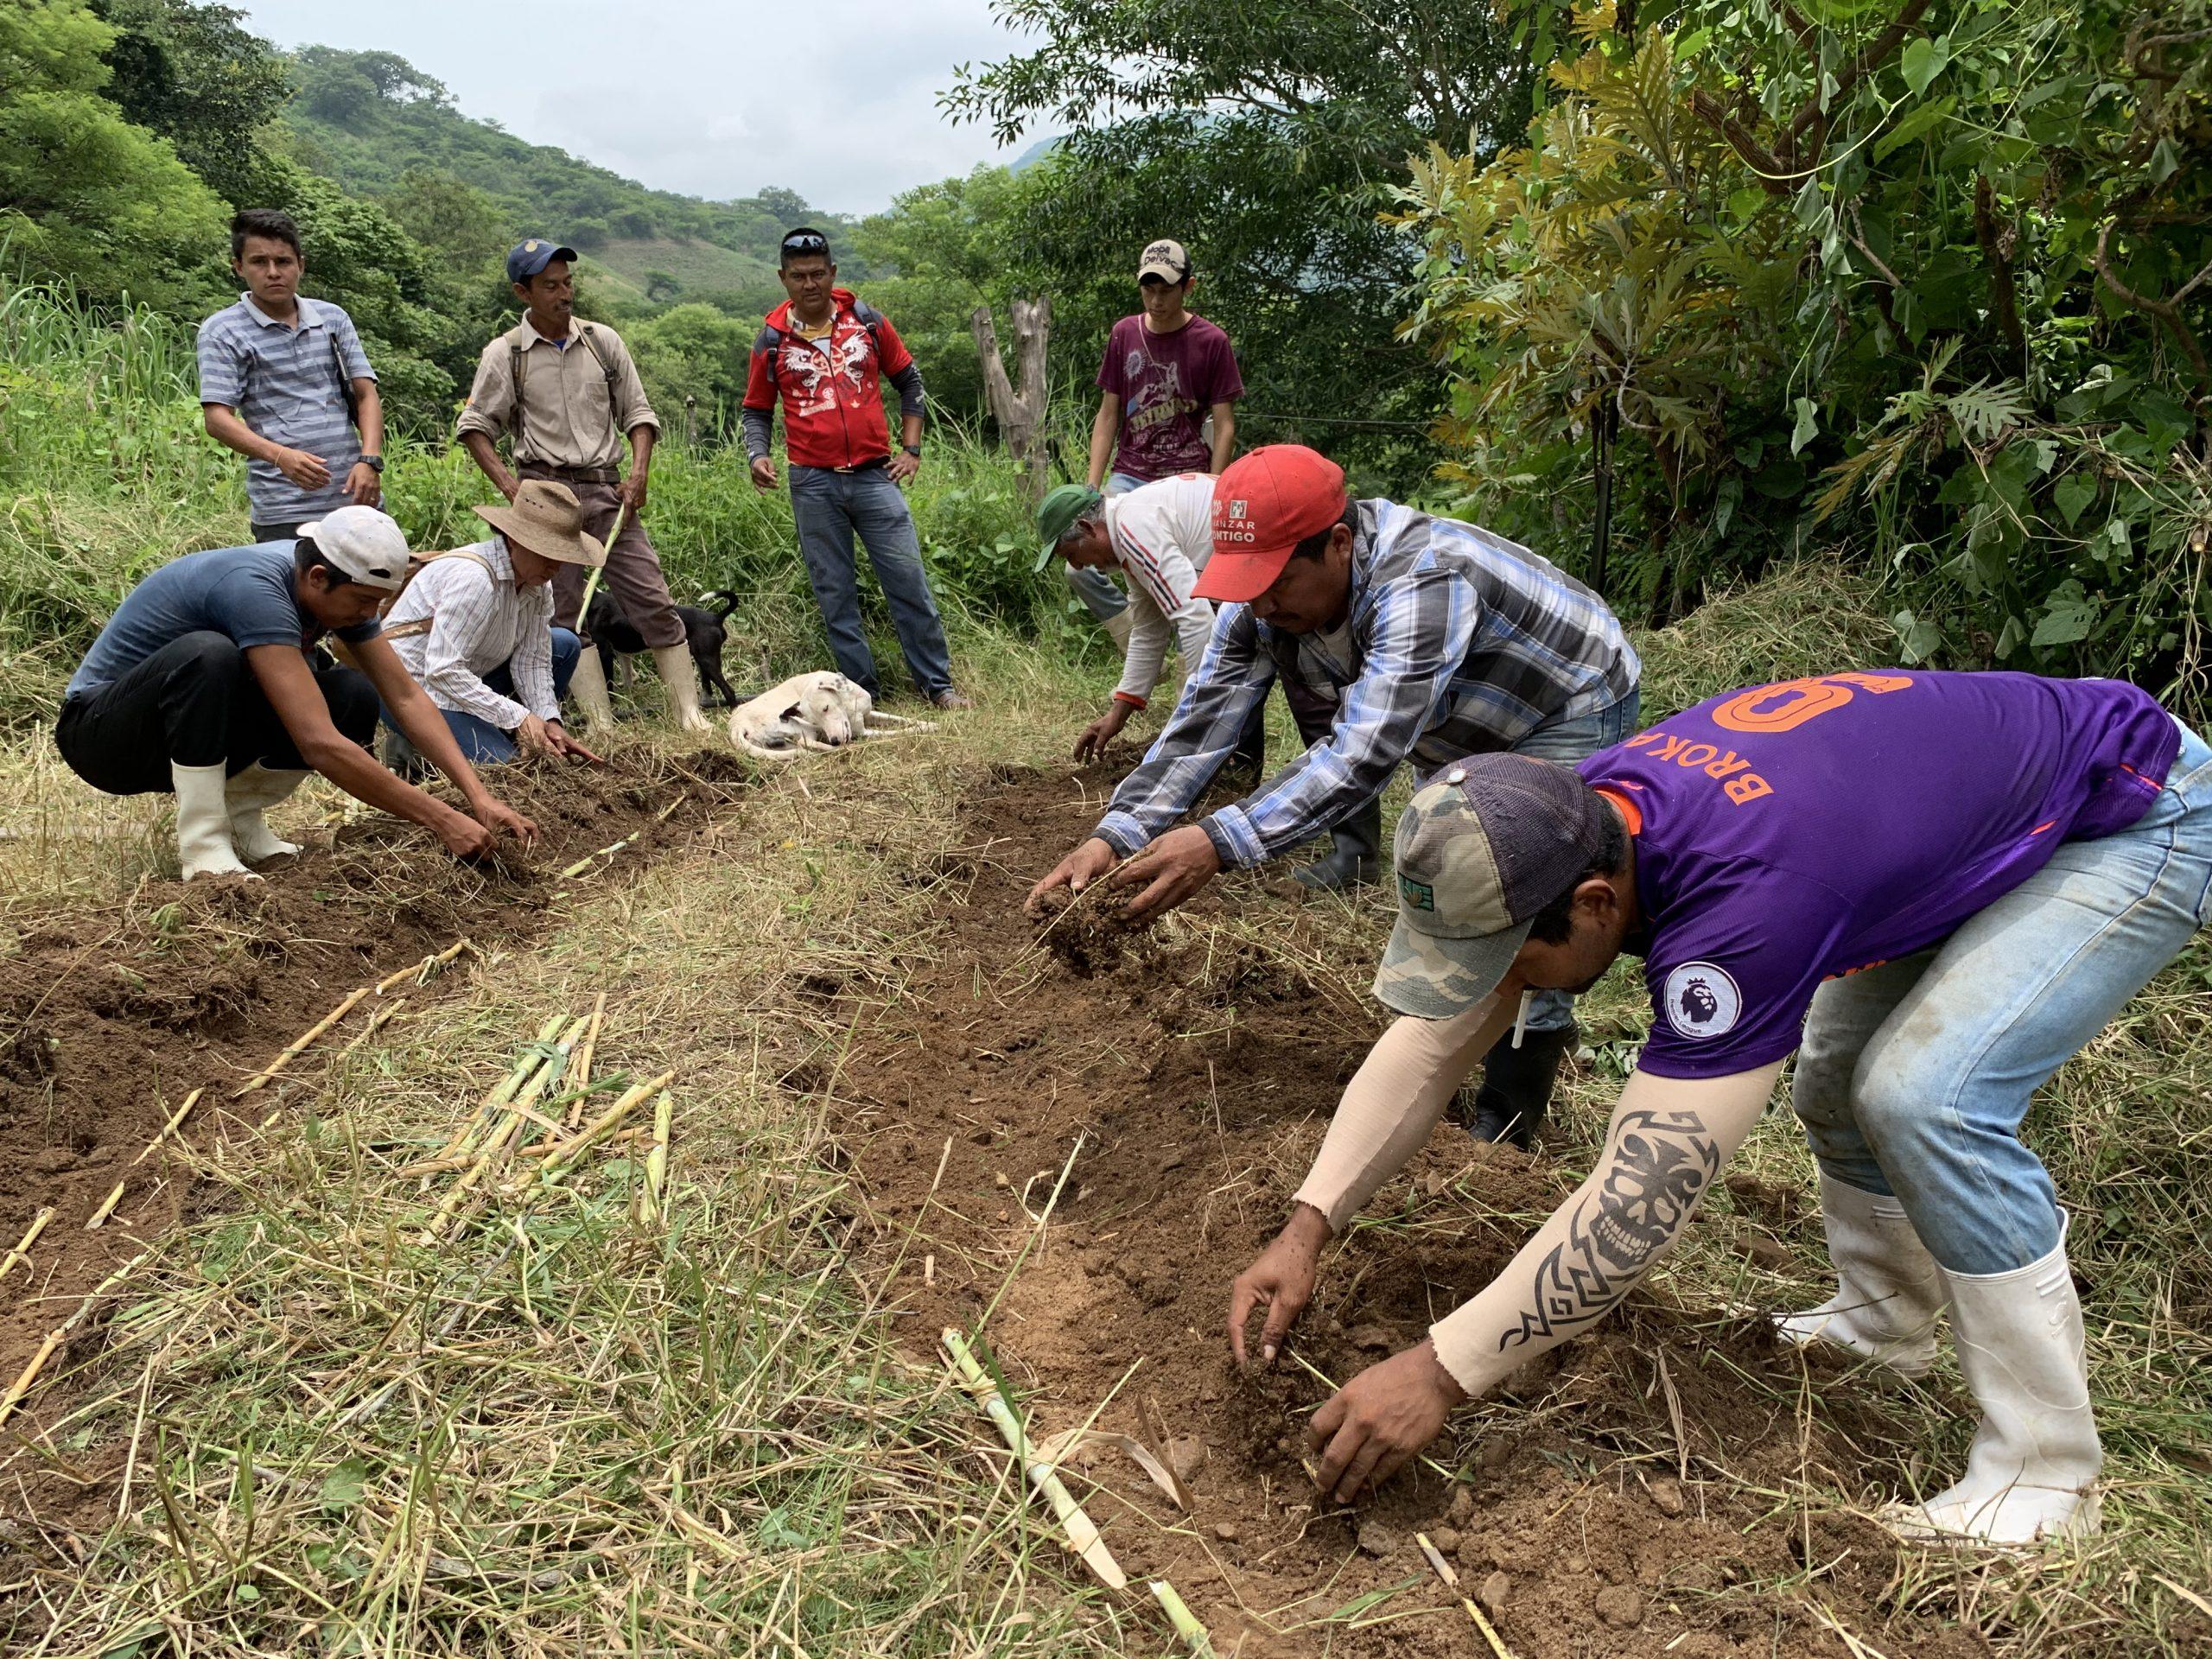 Productores ganaderos de Chiapas estableciendo un banco forrajero en Escuela de Campo. © BioPaSOS